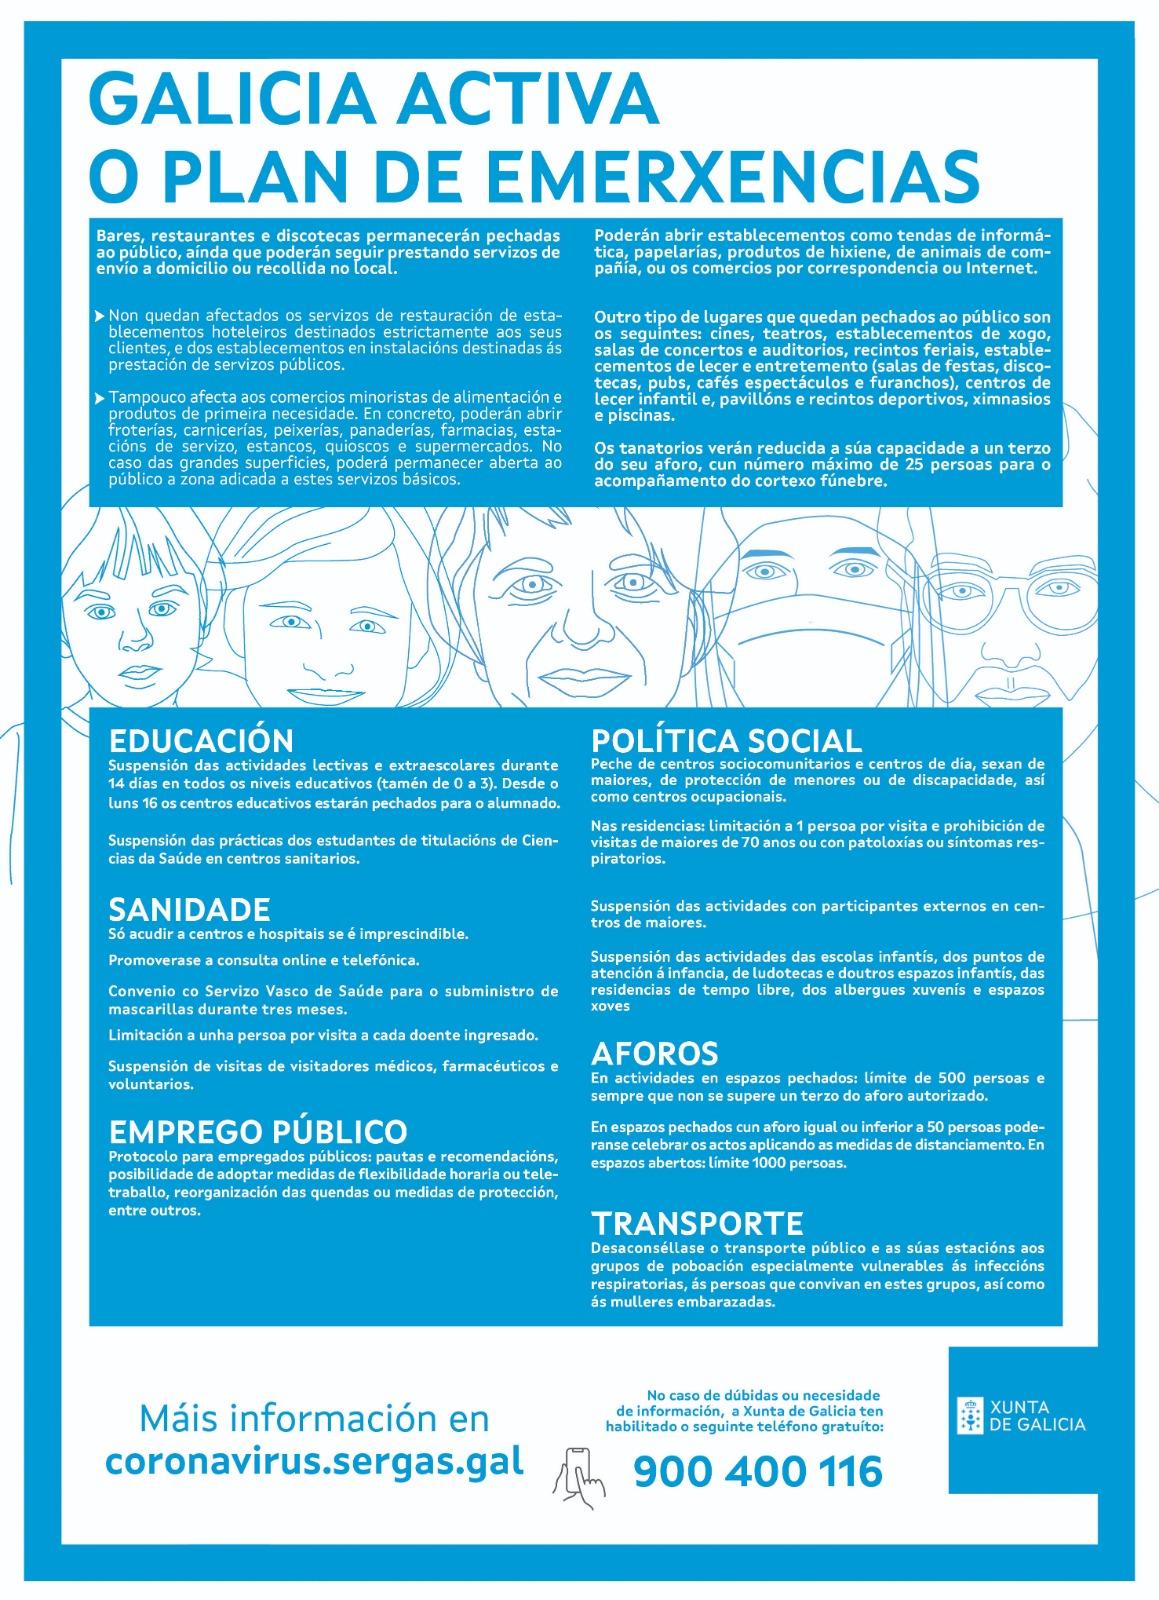 Declaran a situación de emerxencia sanitaria na Comunidade Autónoma de Galicia